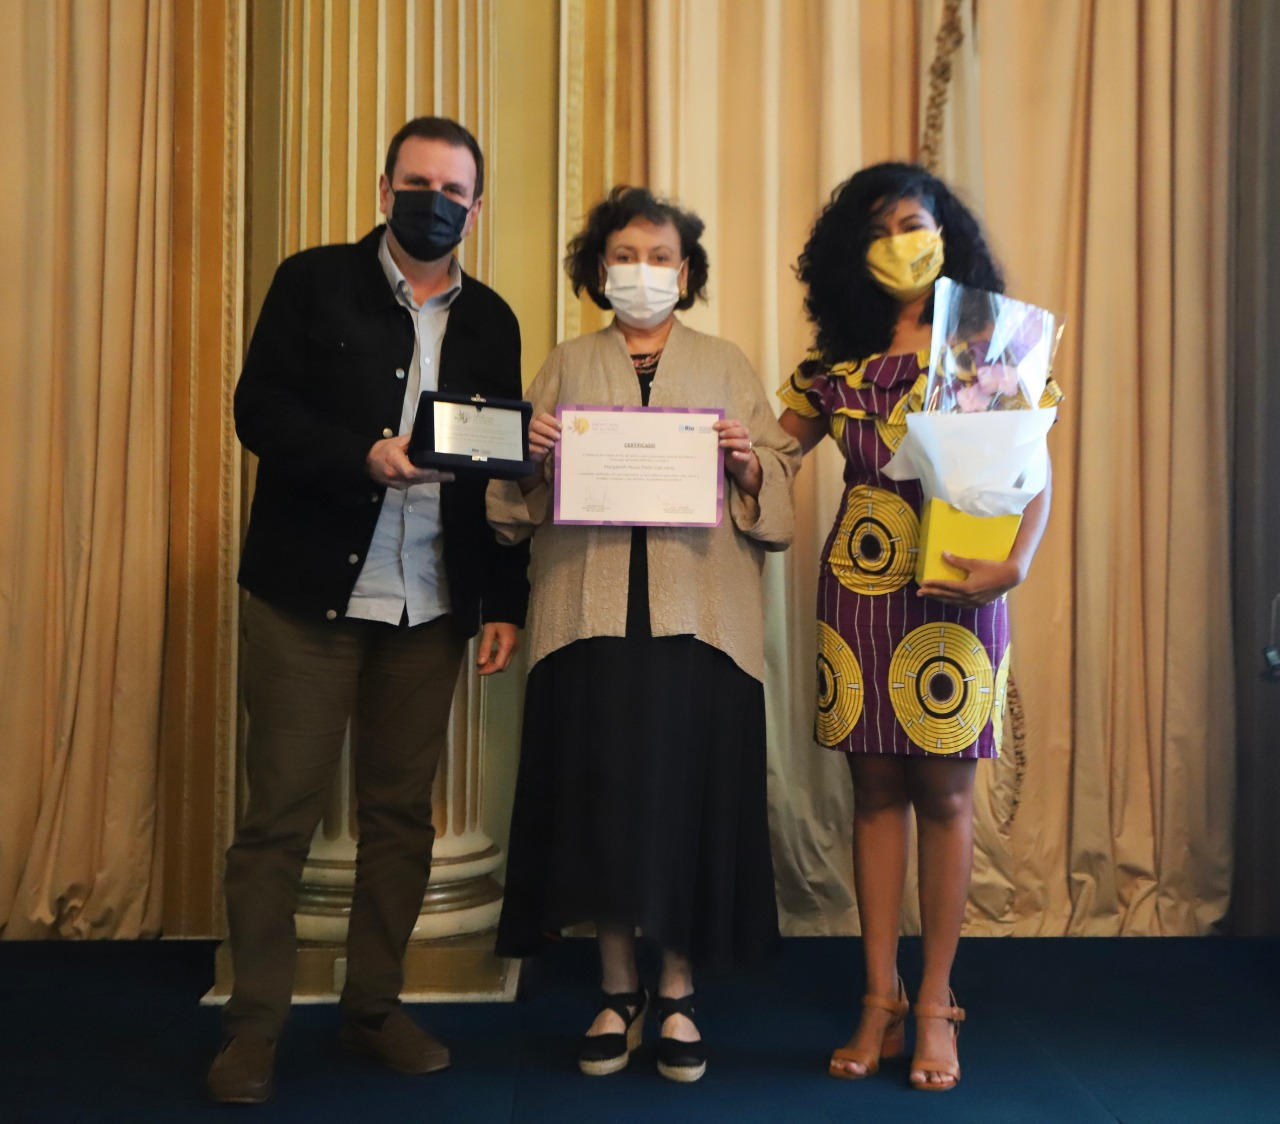 Pesquisadora Margareth Dalcomo recebe prêmio por enfrentamento da Covid-19